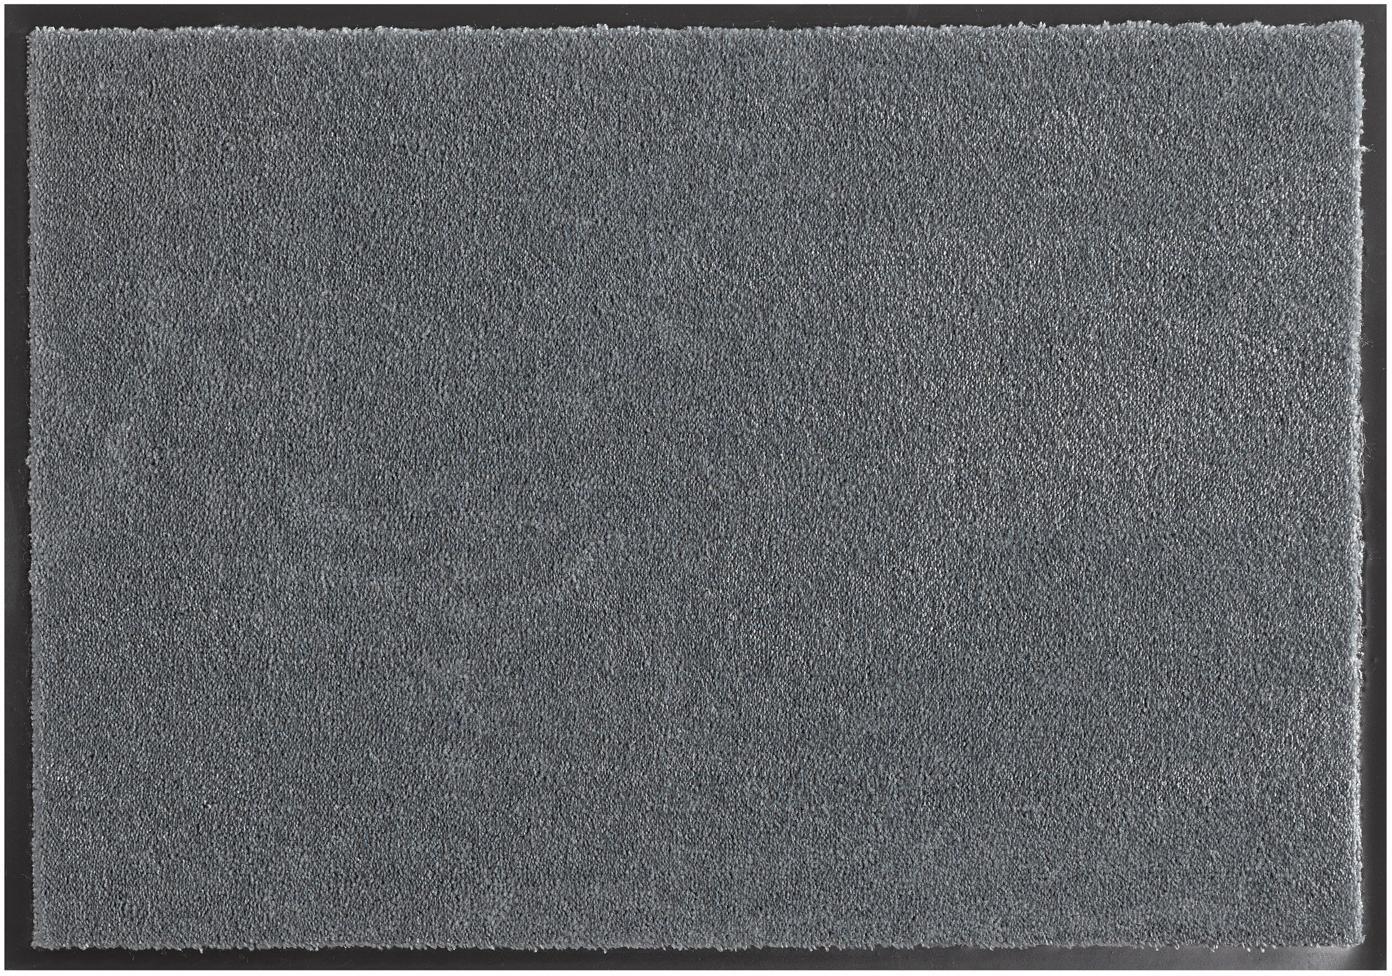 Polyamid-Fussmatte Milo, Vorderseite: Polyamid, Rückseite: Gummi, Grau, 39 x 58 cm